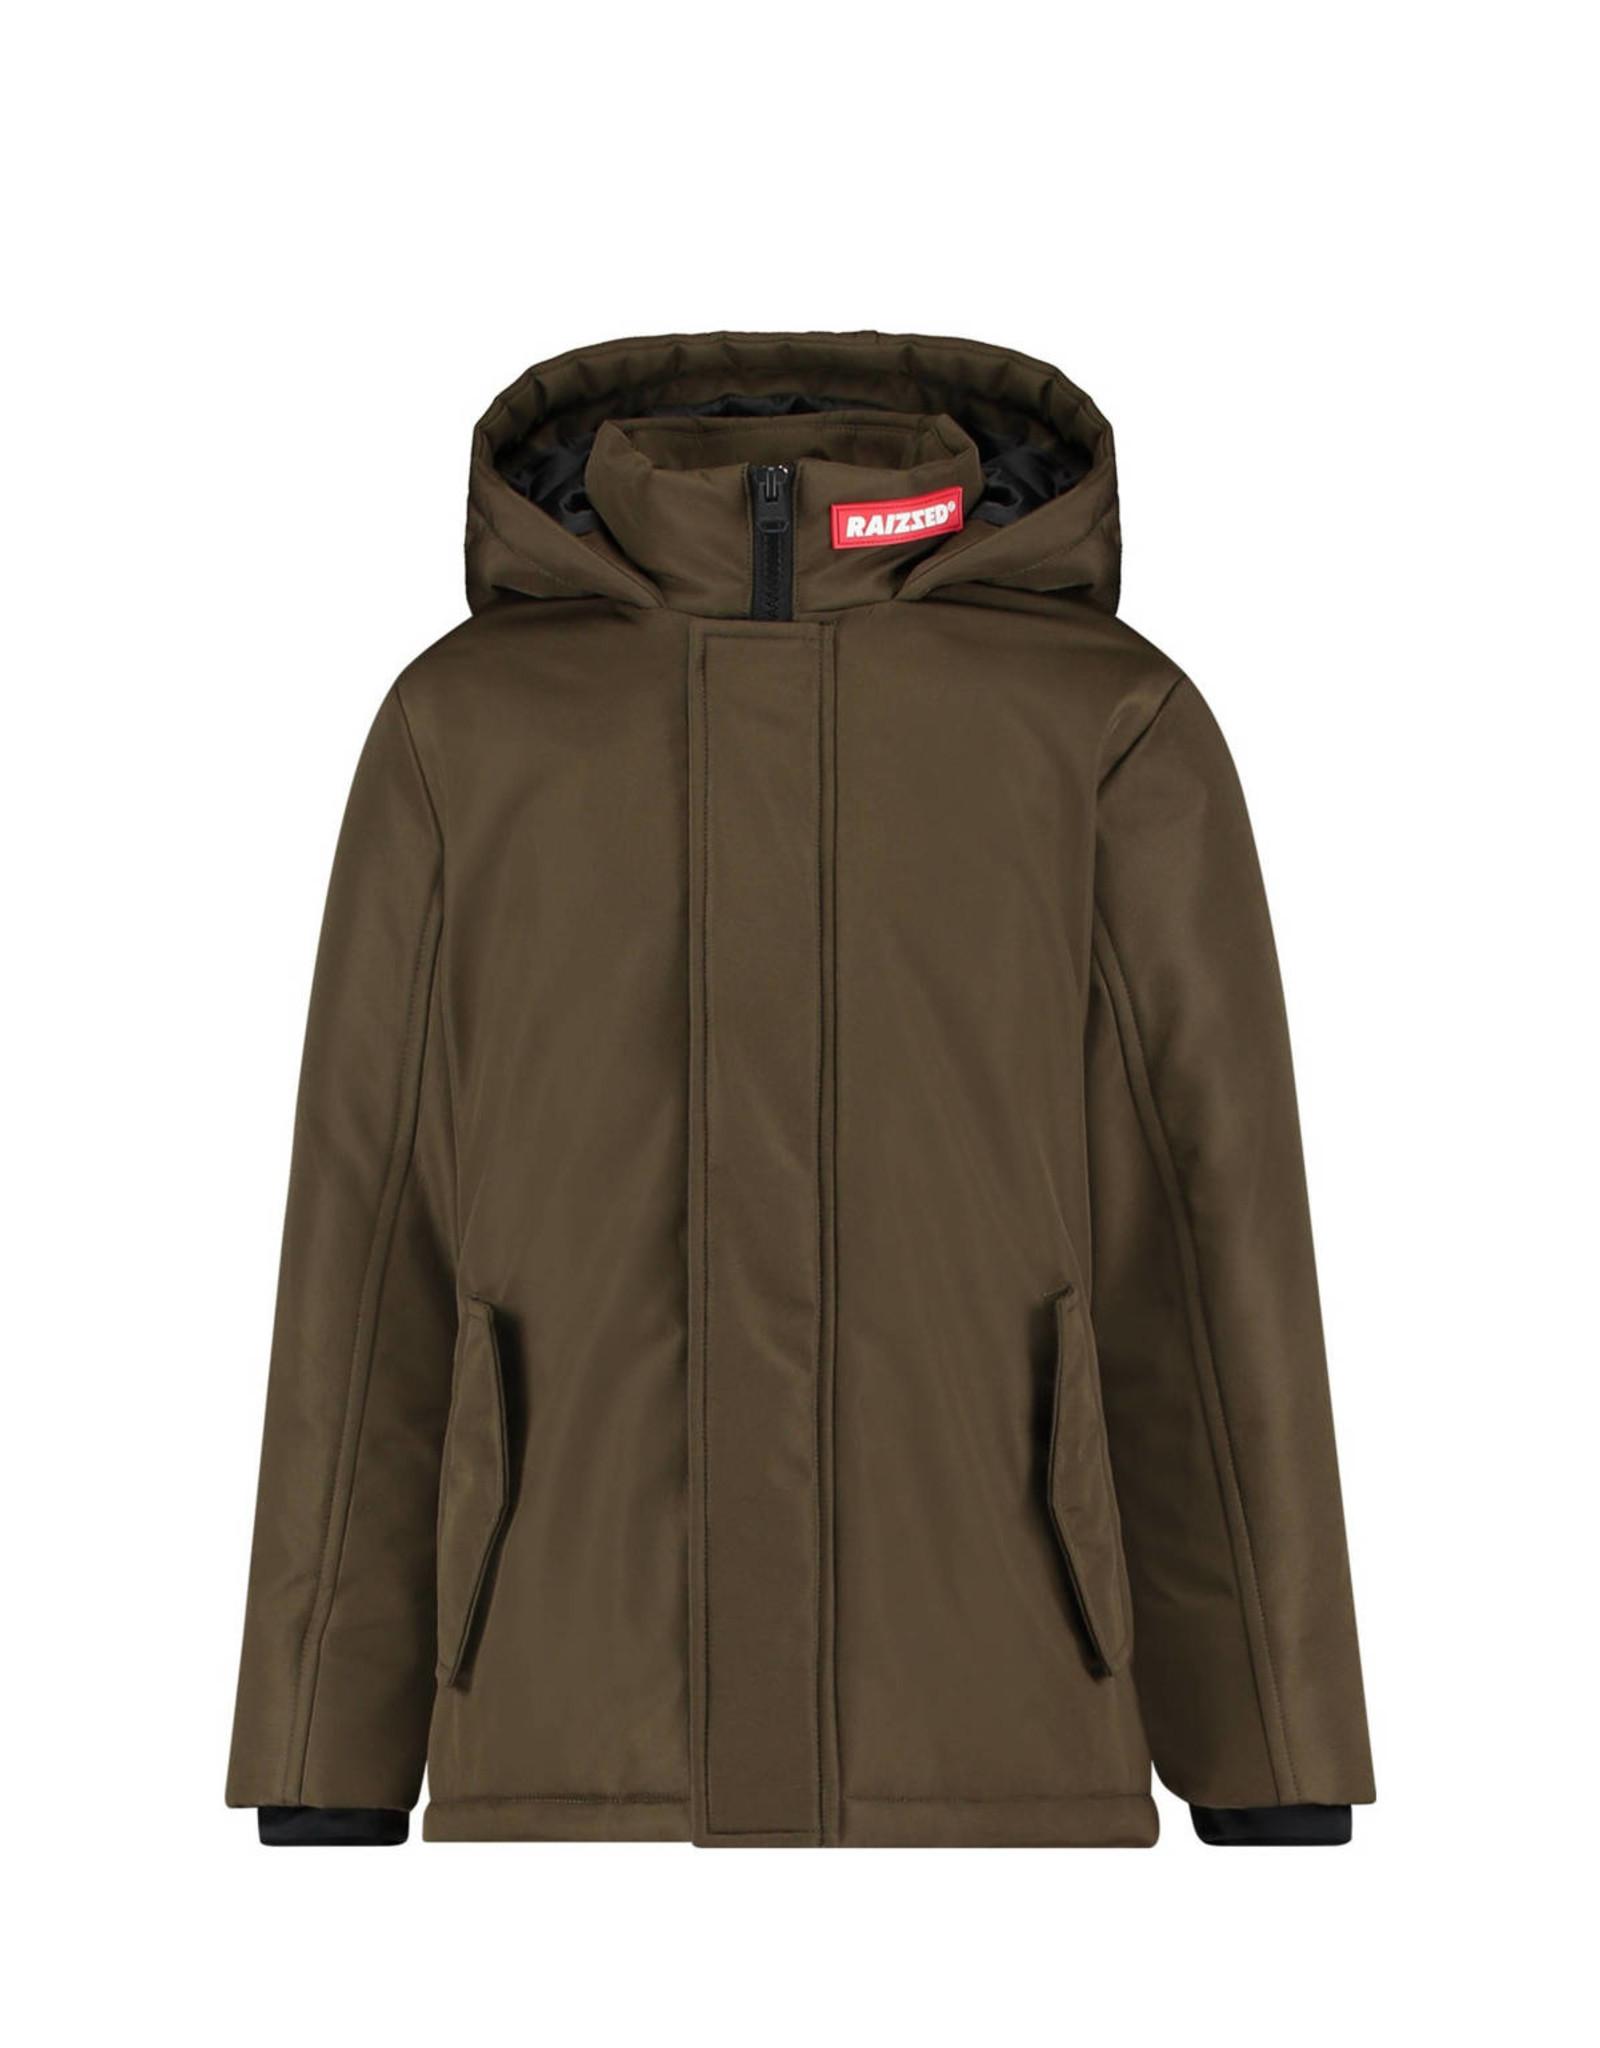 Raizzed Raizzed Jacket Outdoor Tepic Army Green